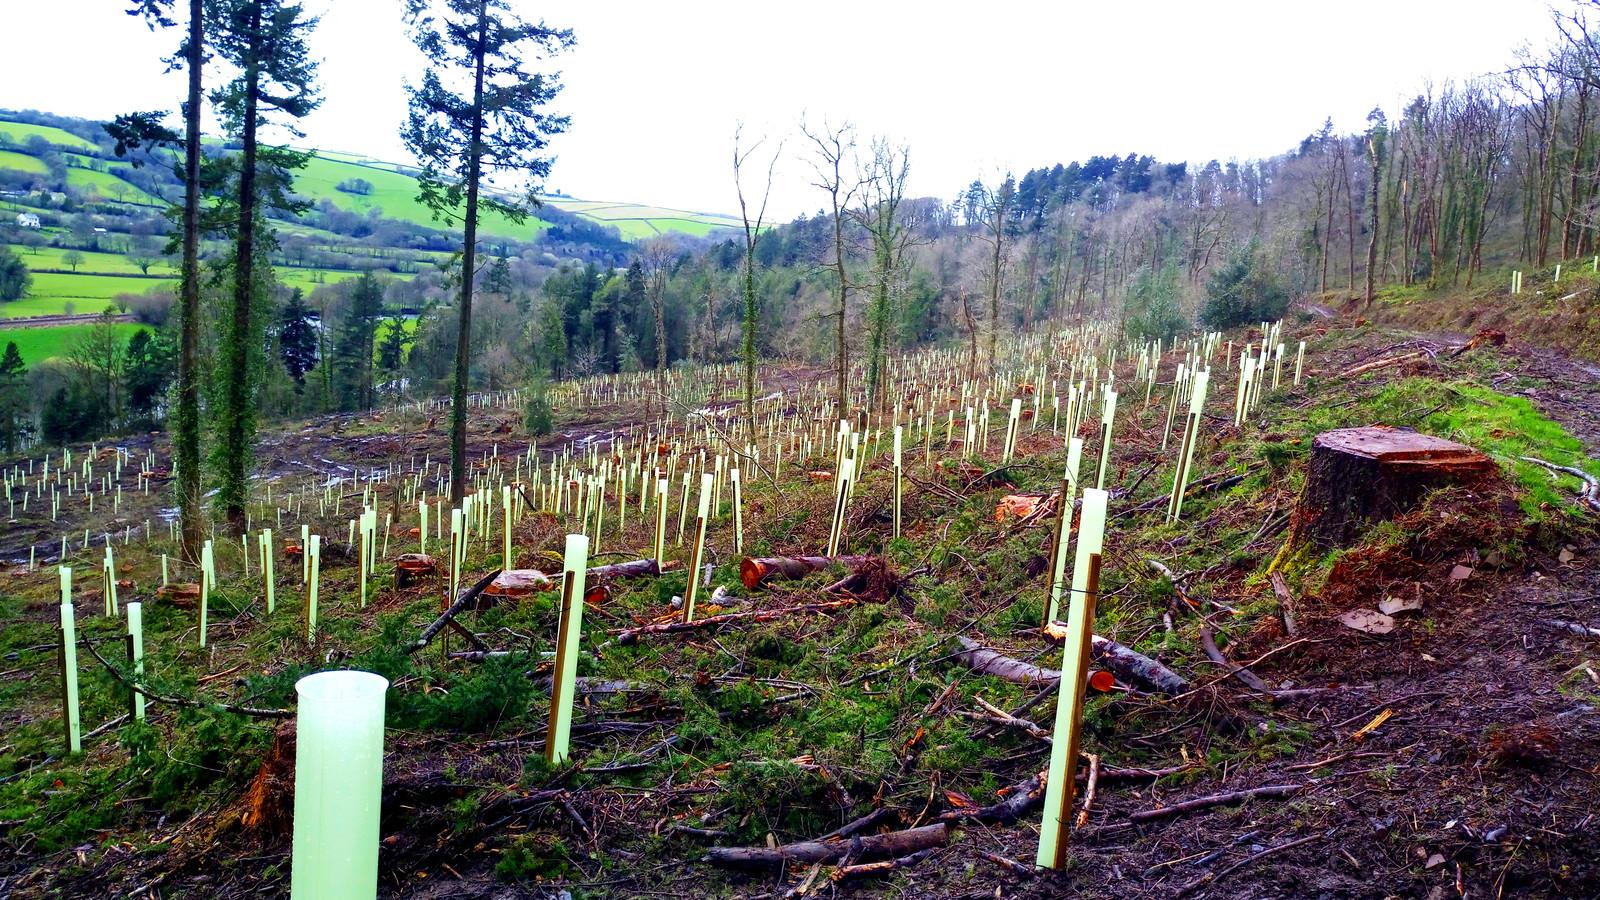 Aanplant van duurzaam loofboos in Groot-Brittannië